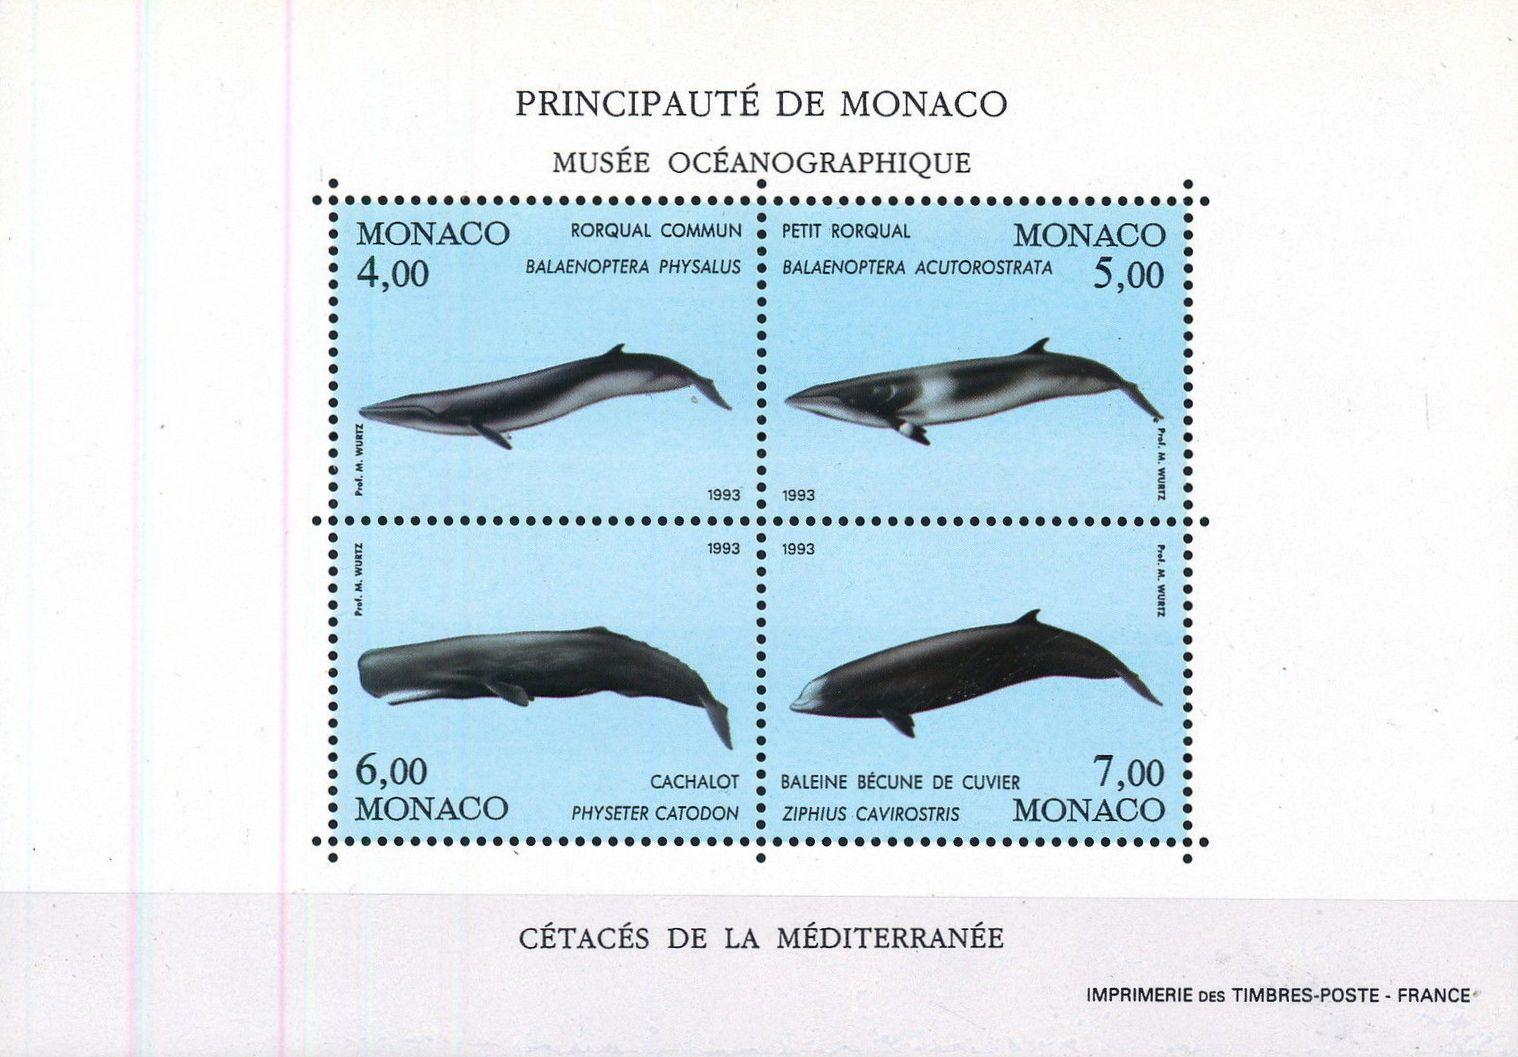 Monaco 1993 Musée Océanographique - Cétacés de la Méditerranée (2nd Group) h.jpg